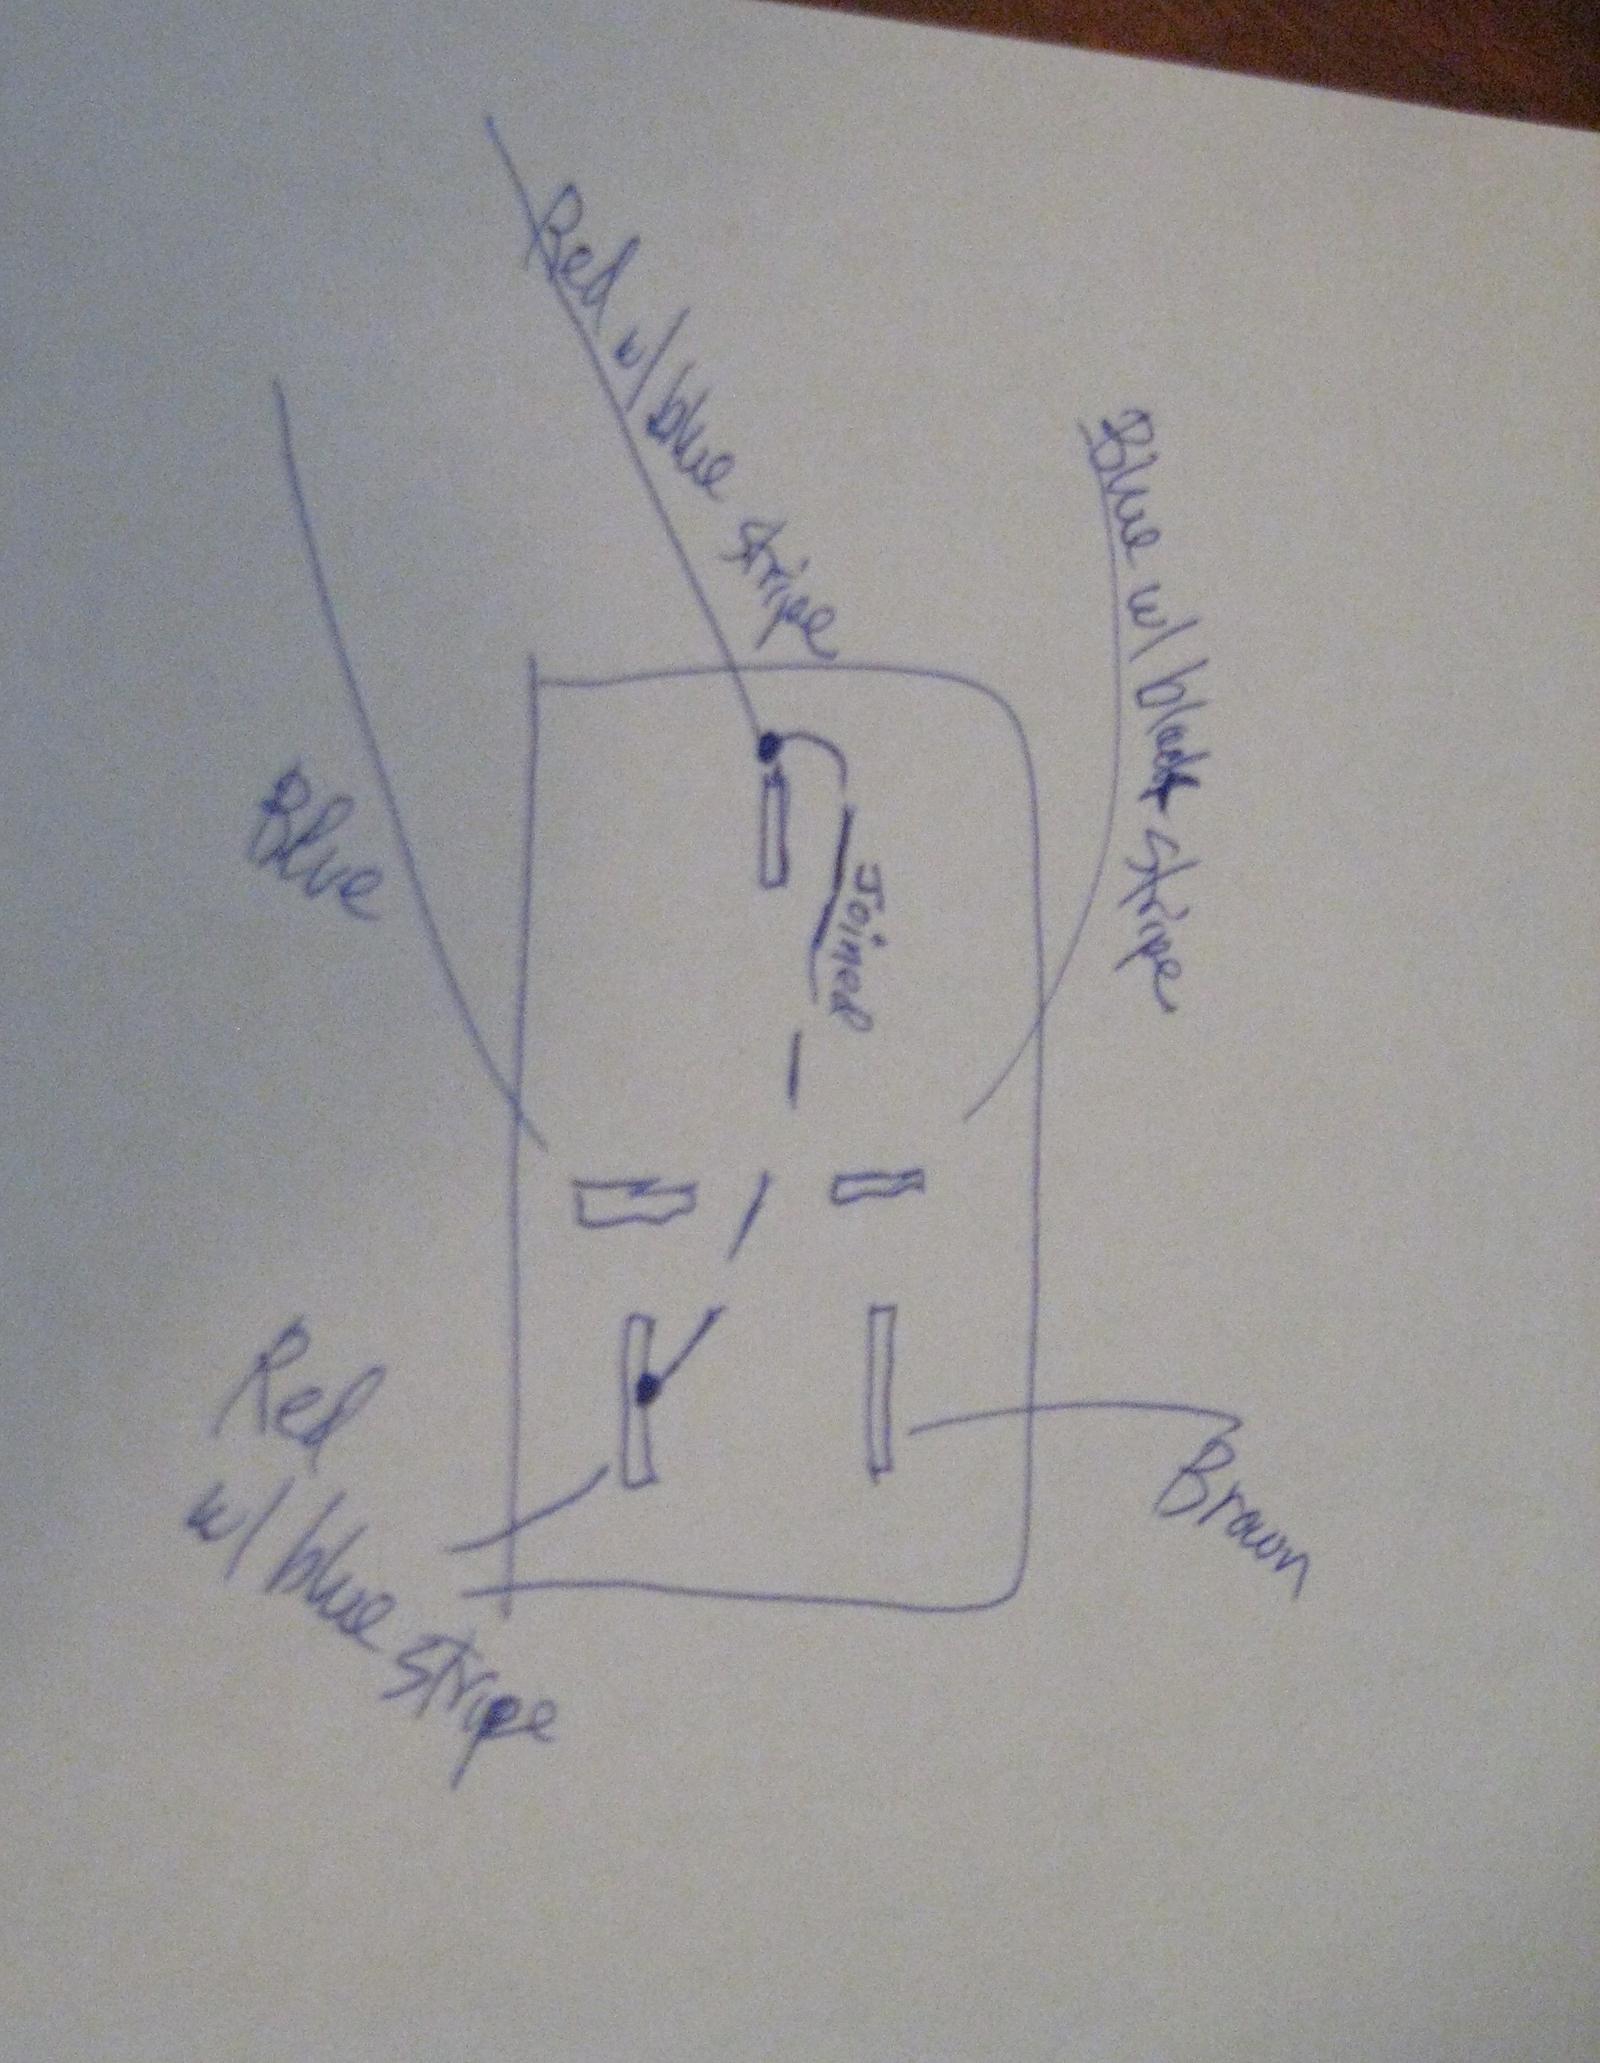 porsche 944 sunroof wiring diagram 2004 mazda tribute fuse 924 s nissan 240sx